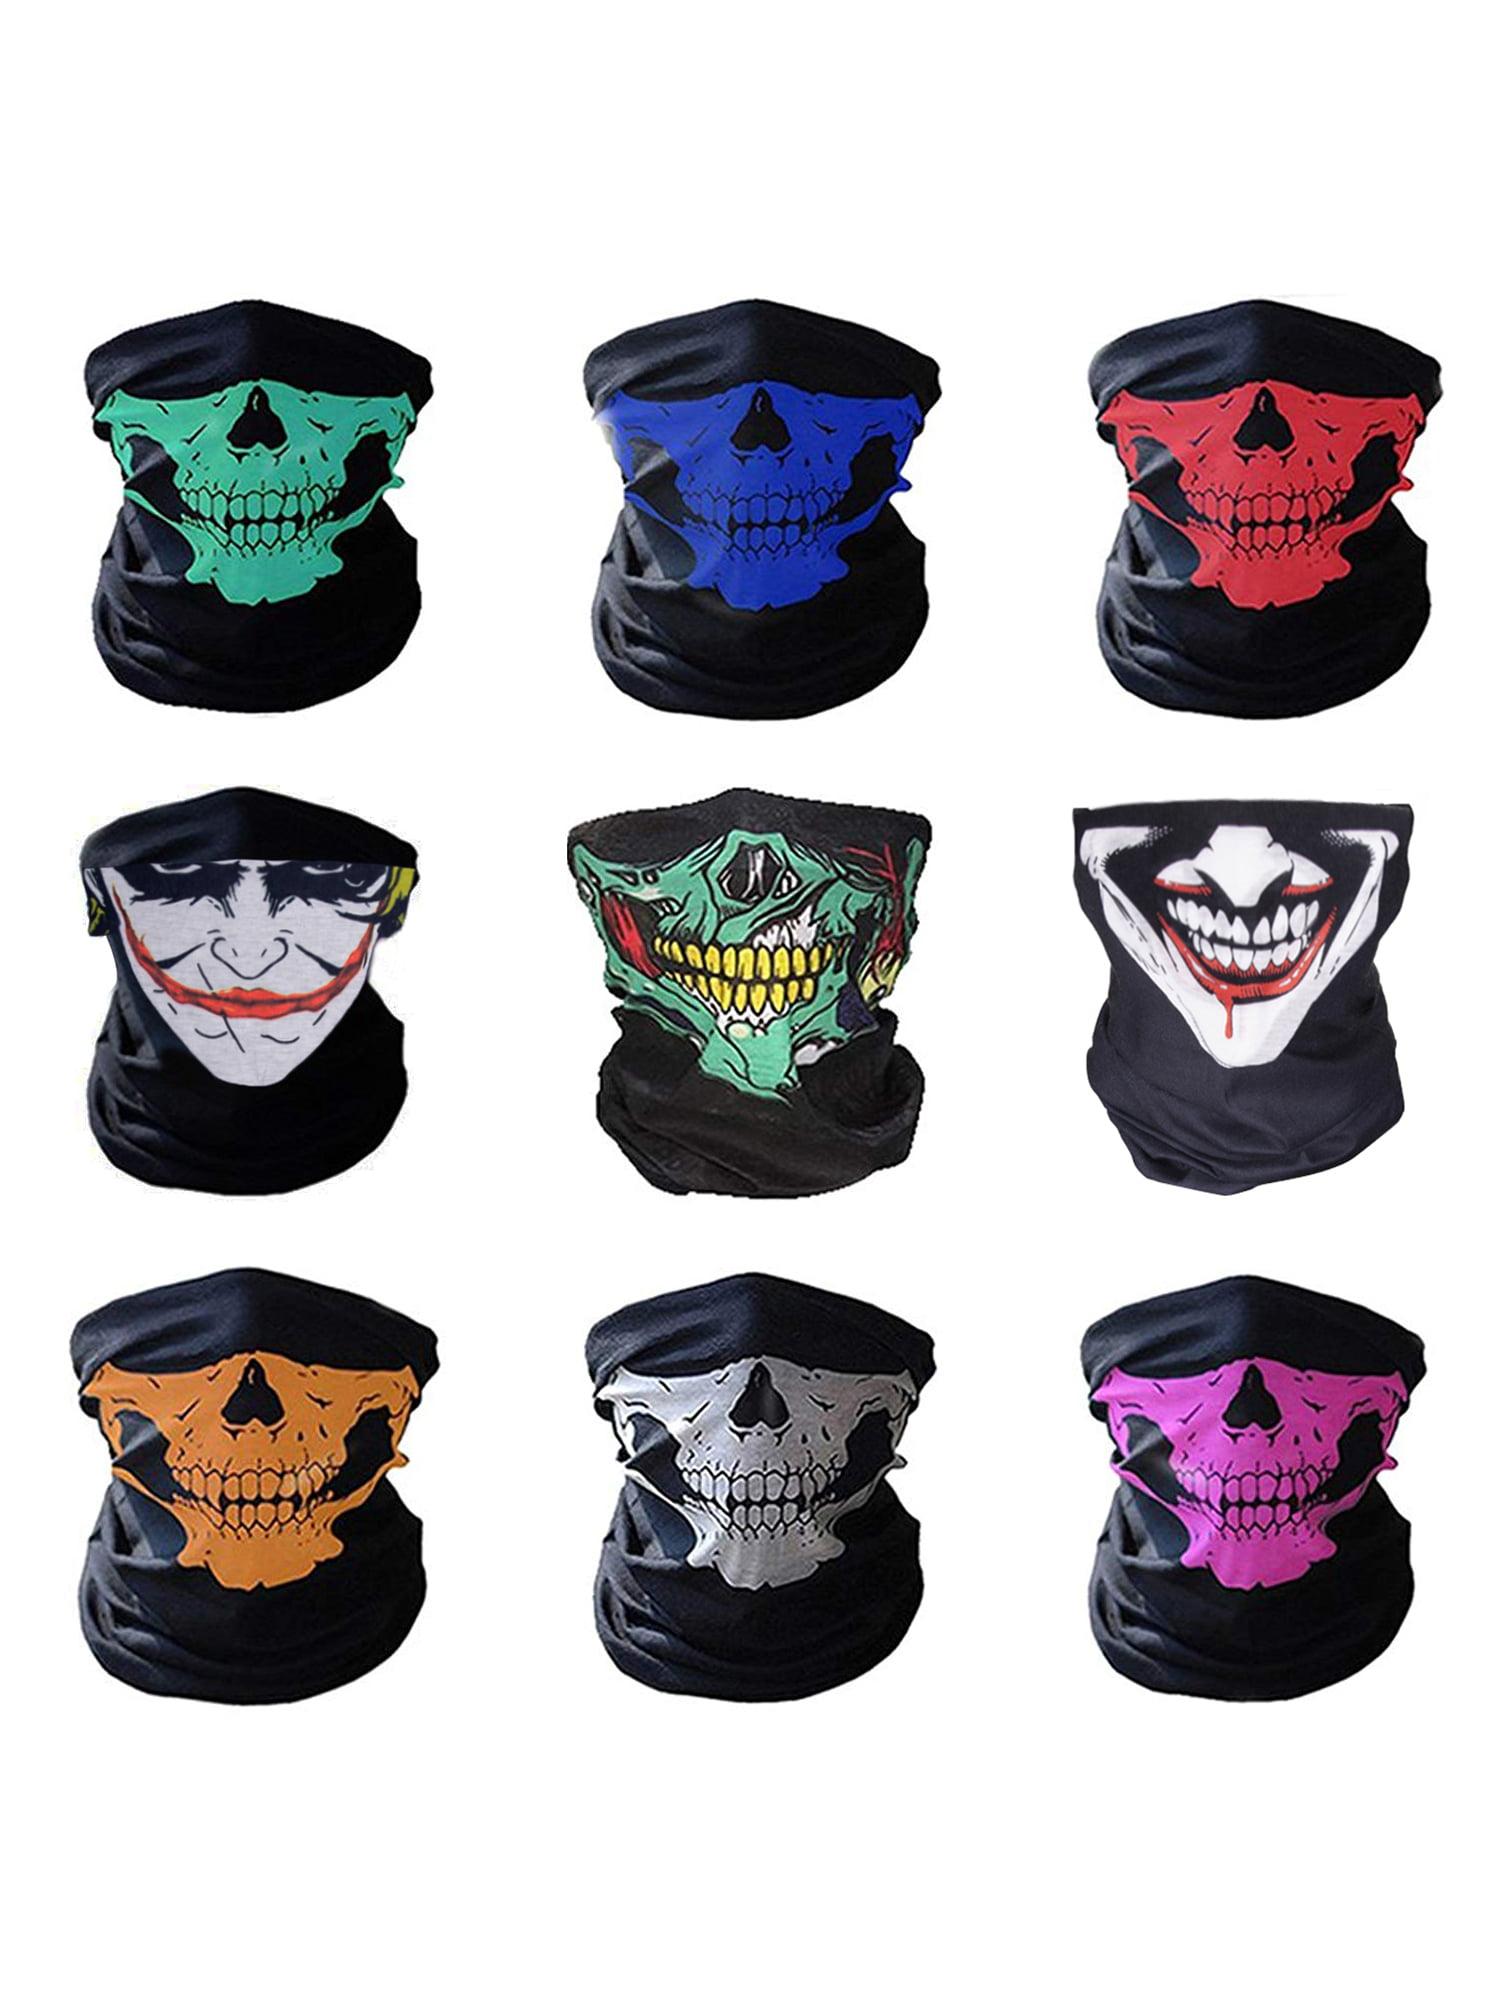 Multifunctional Neck Gaiter Headwear Women Men Boho Head Wrap Headband